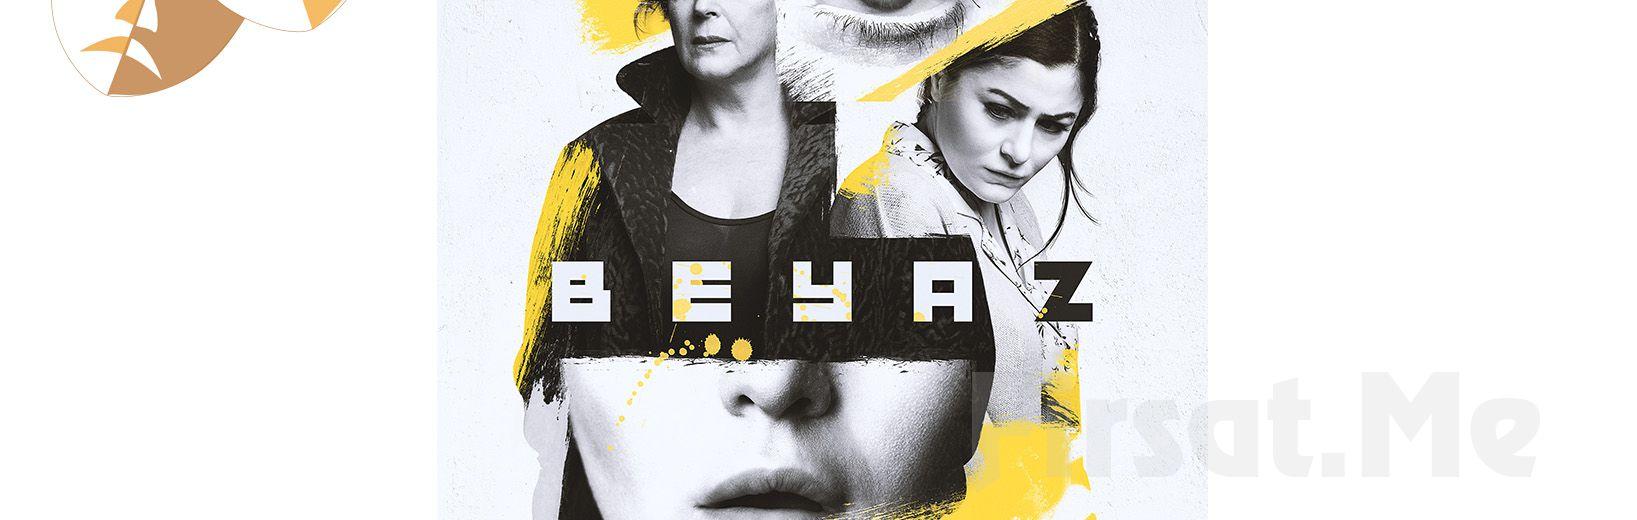 Derya Alabora ve Deniz Çakır'ın Göz Kamaştıran Oyunculuklarıyla 'Beyaz' Tiyatro Oyunu